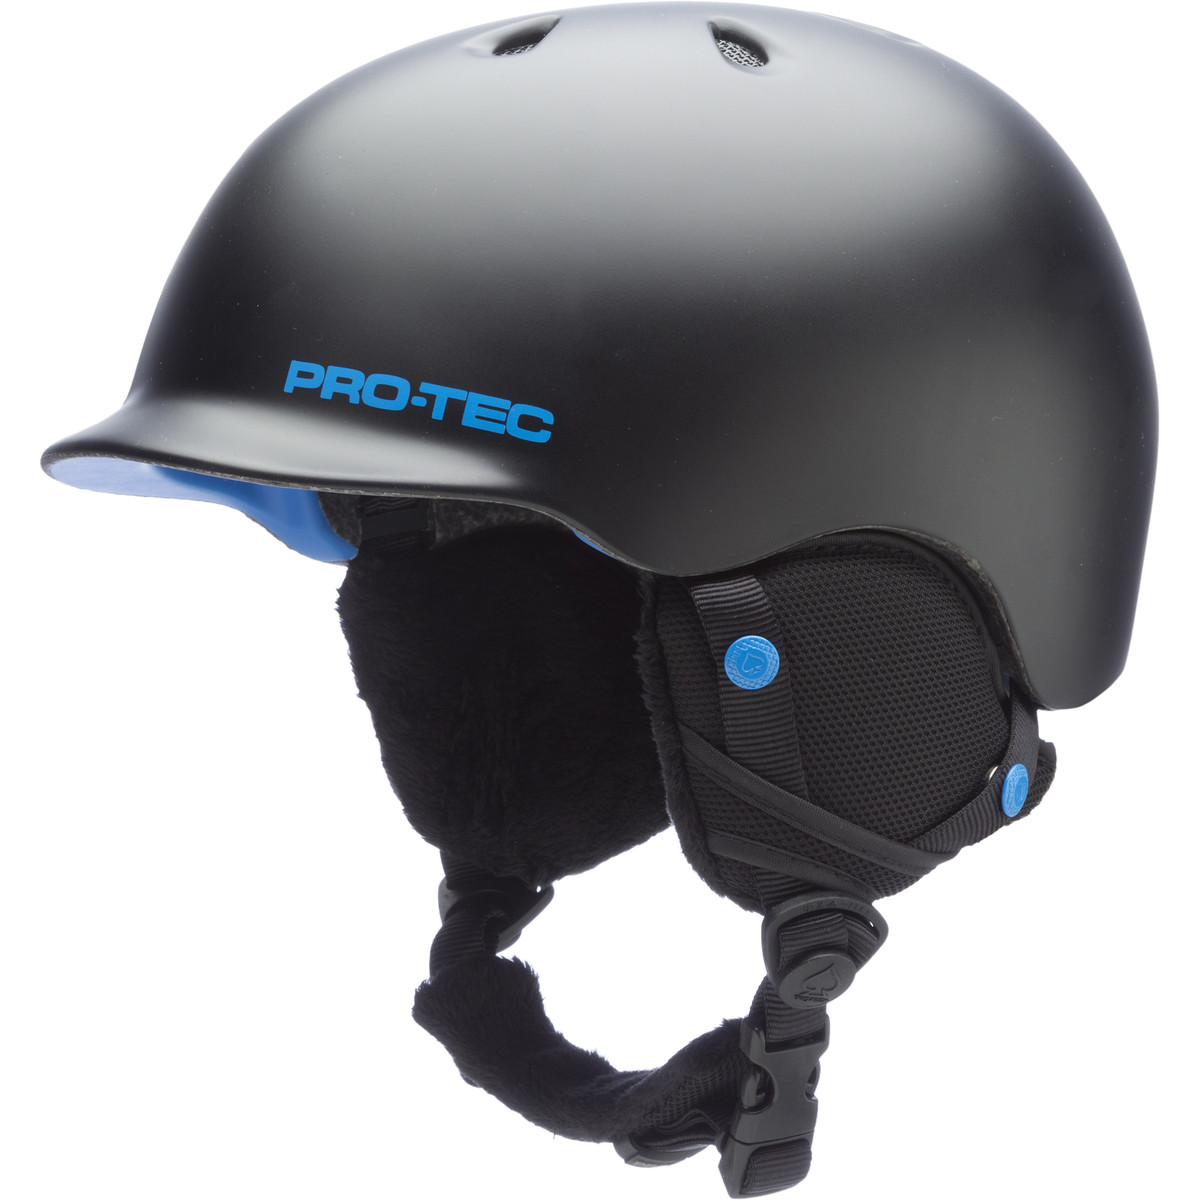 Pro-tec Ruckus Helmet